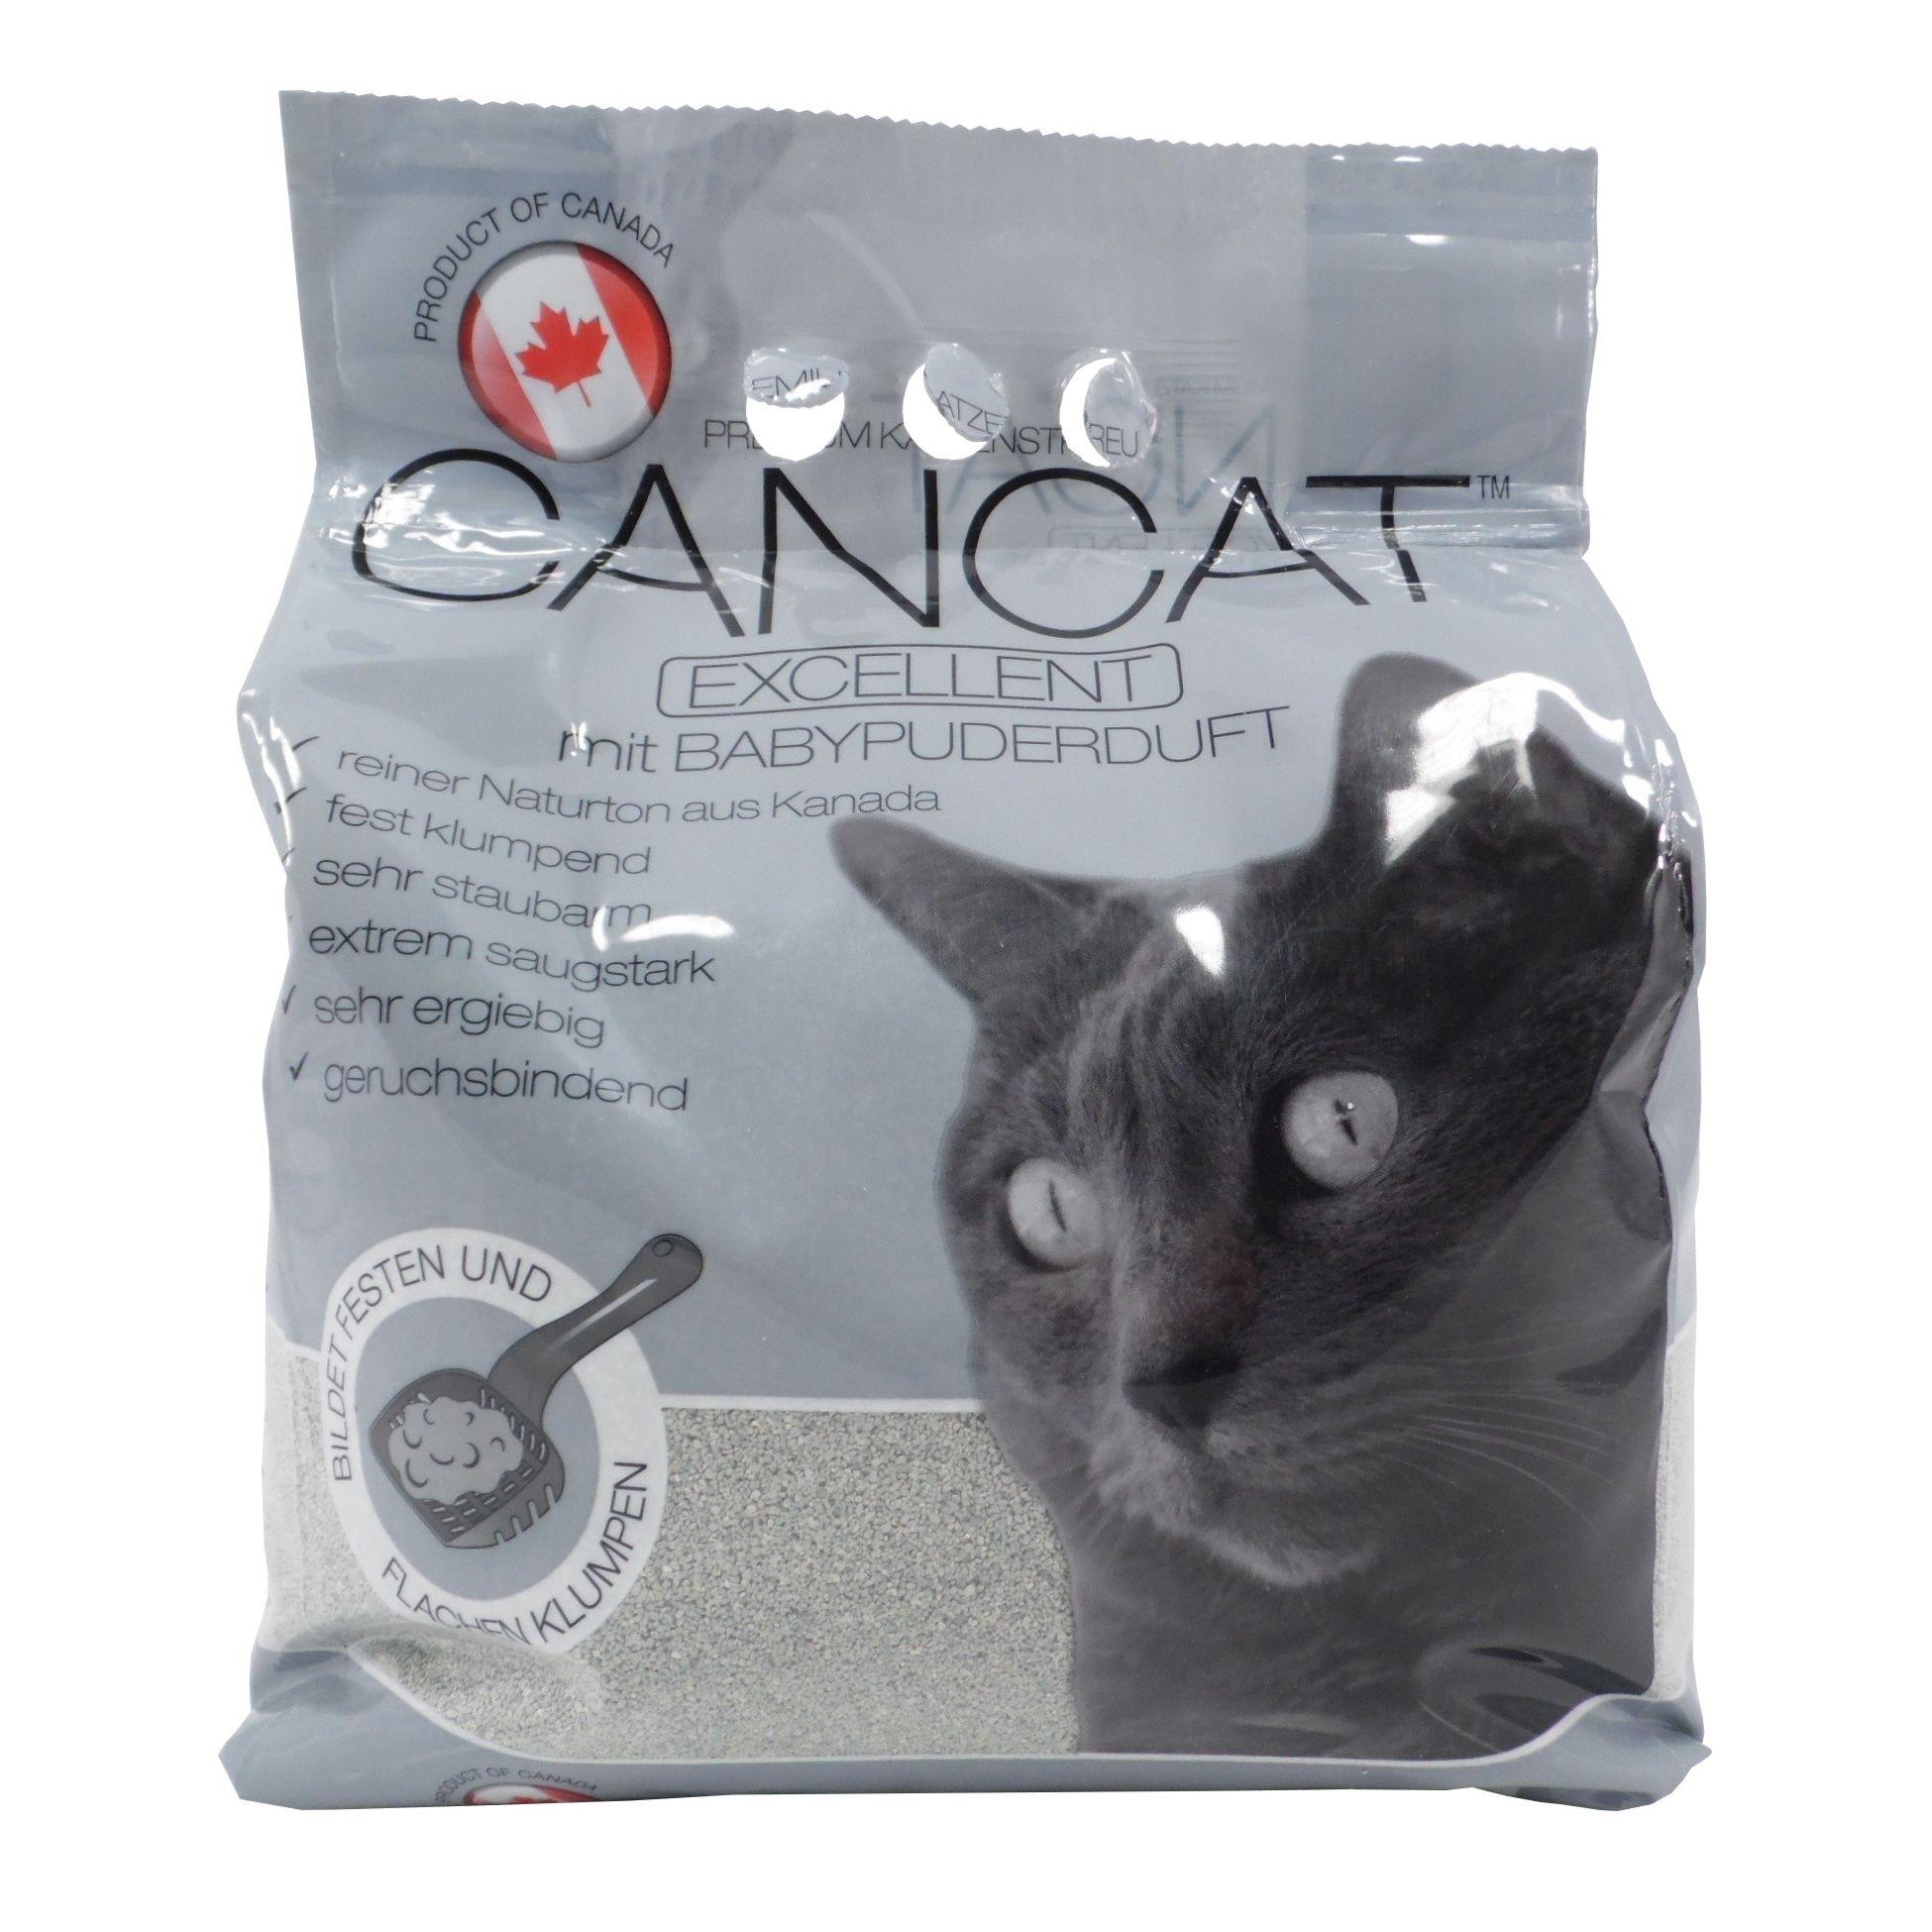 CanCat Excellent hrudkující bentonitové stelivo 8 kg